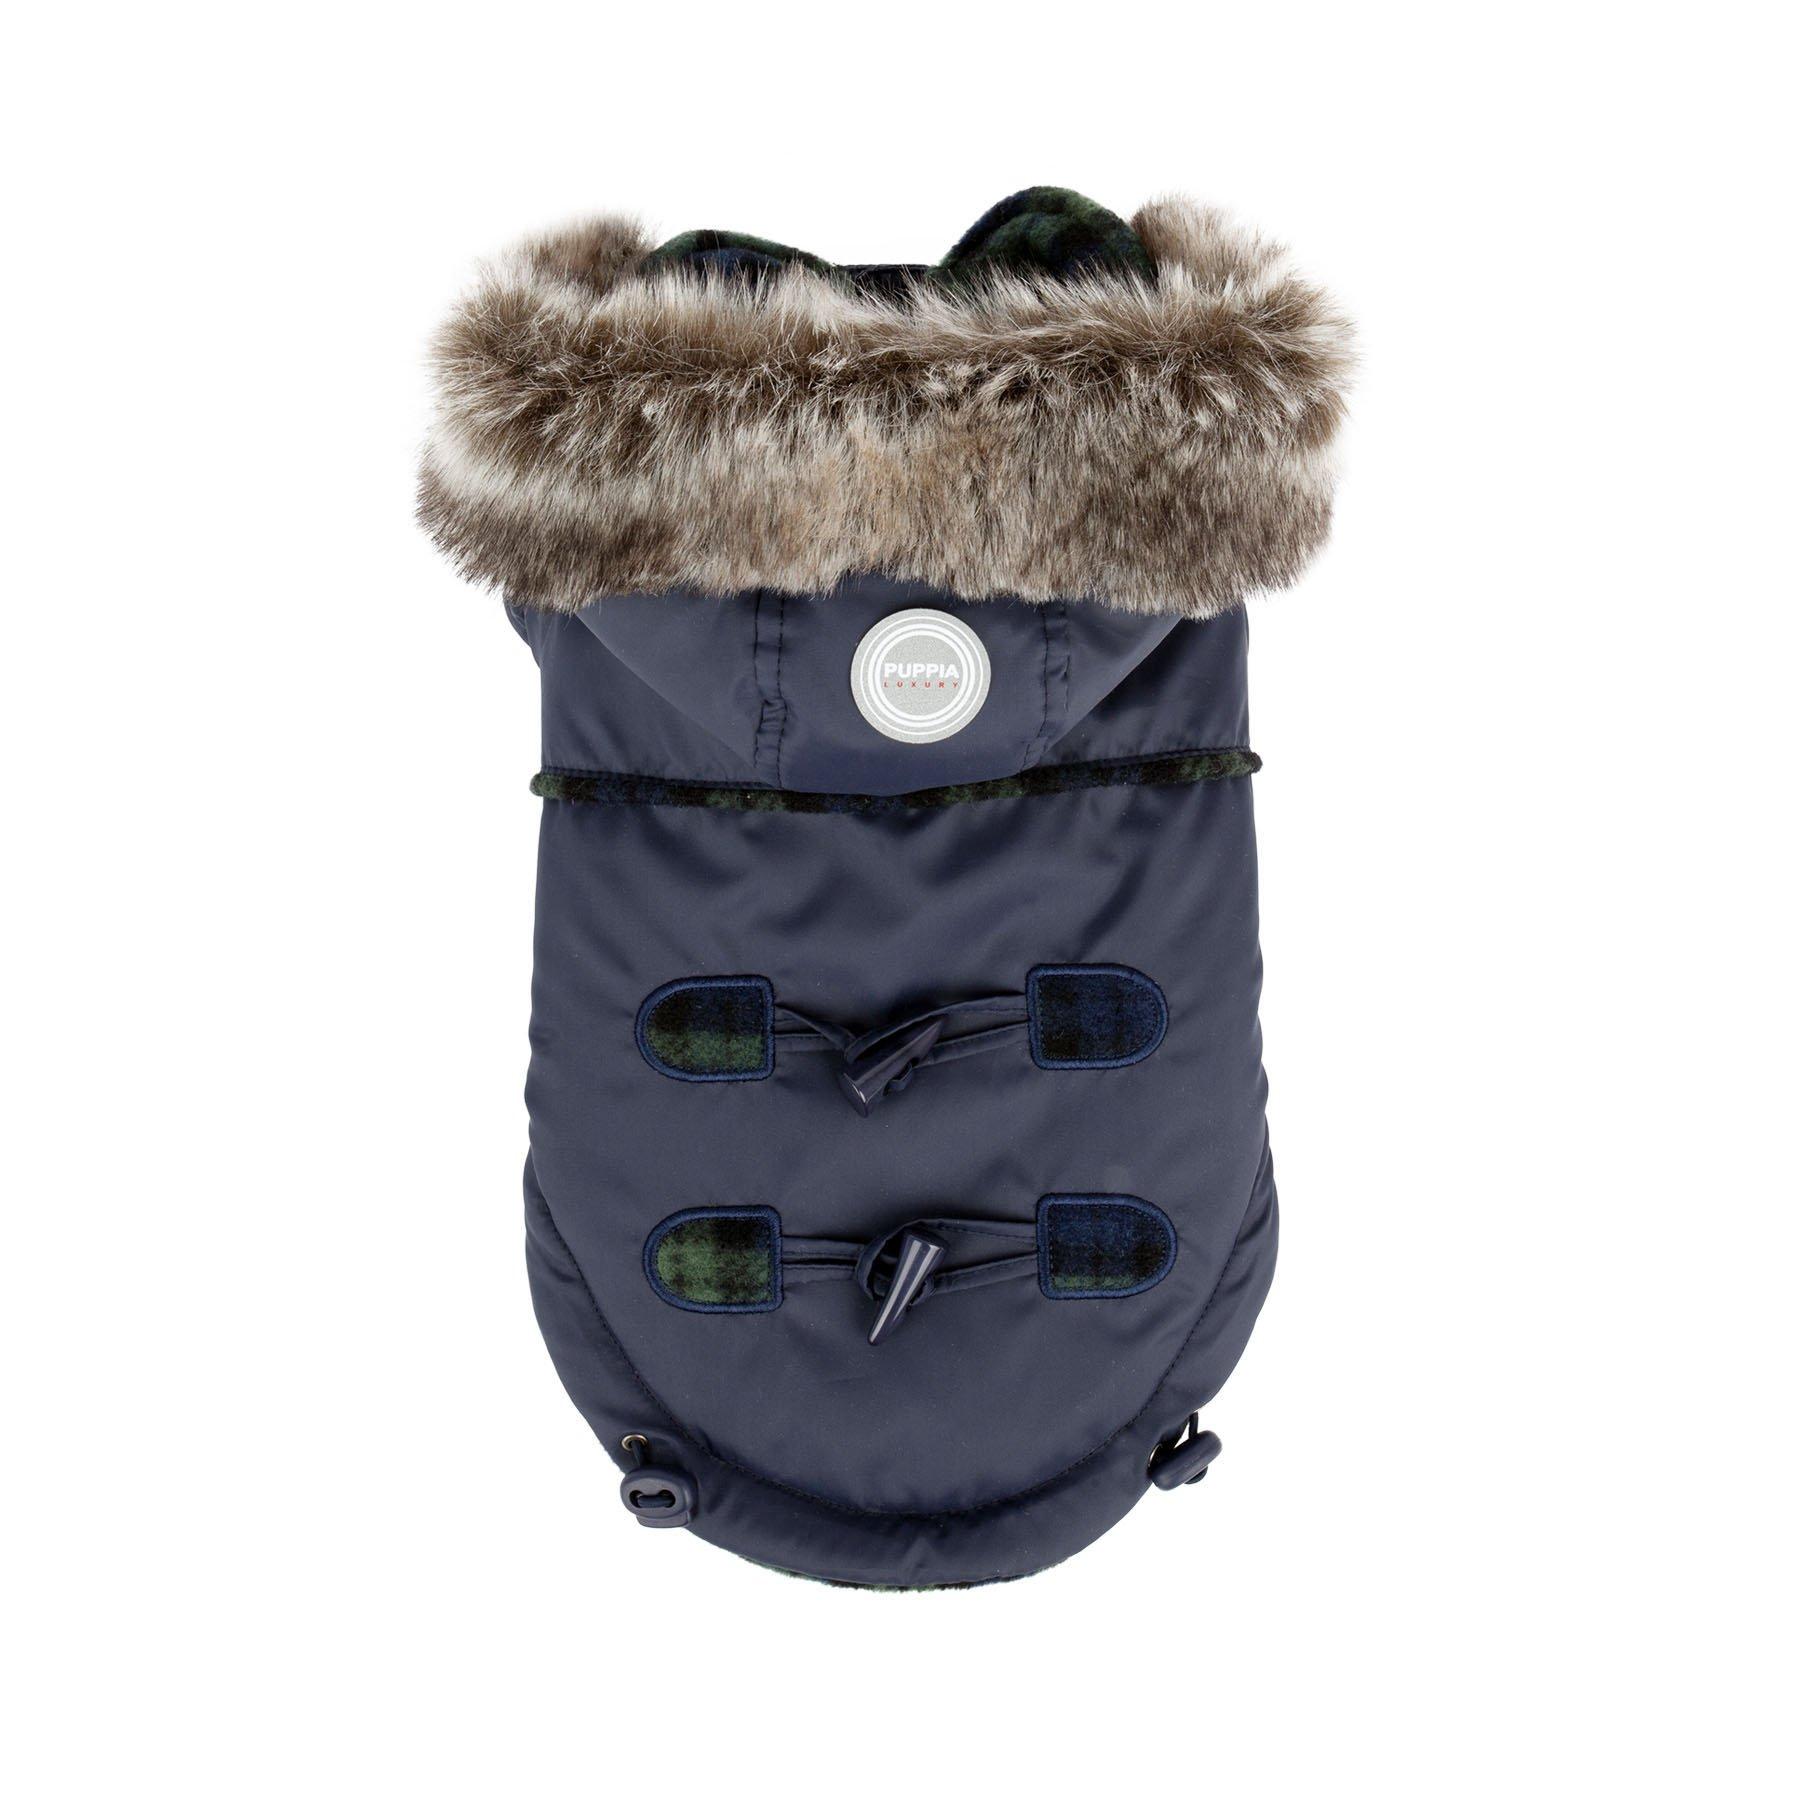 Puppia Authentic Lewis Winter Coat, Medium, Navy